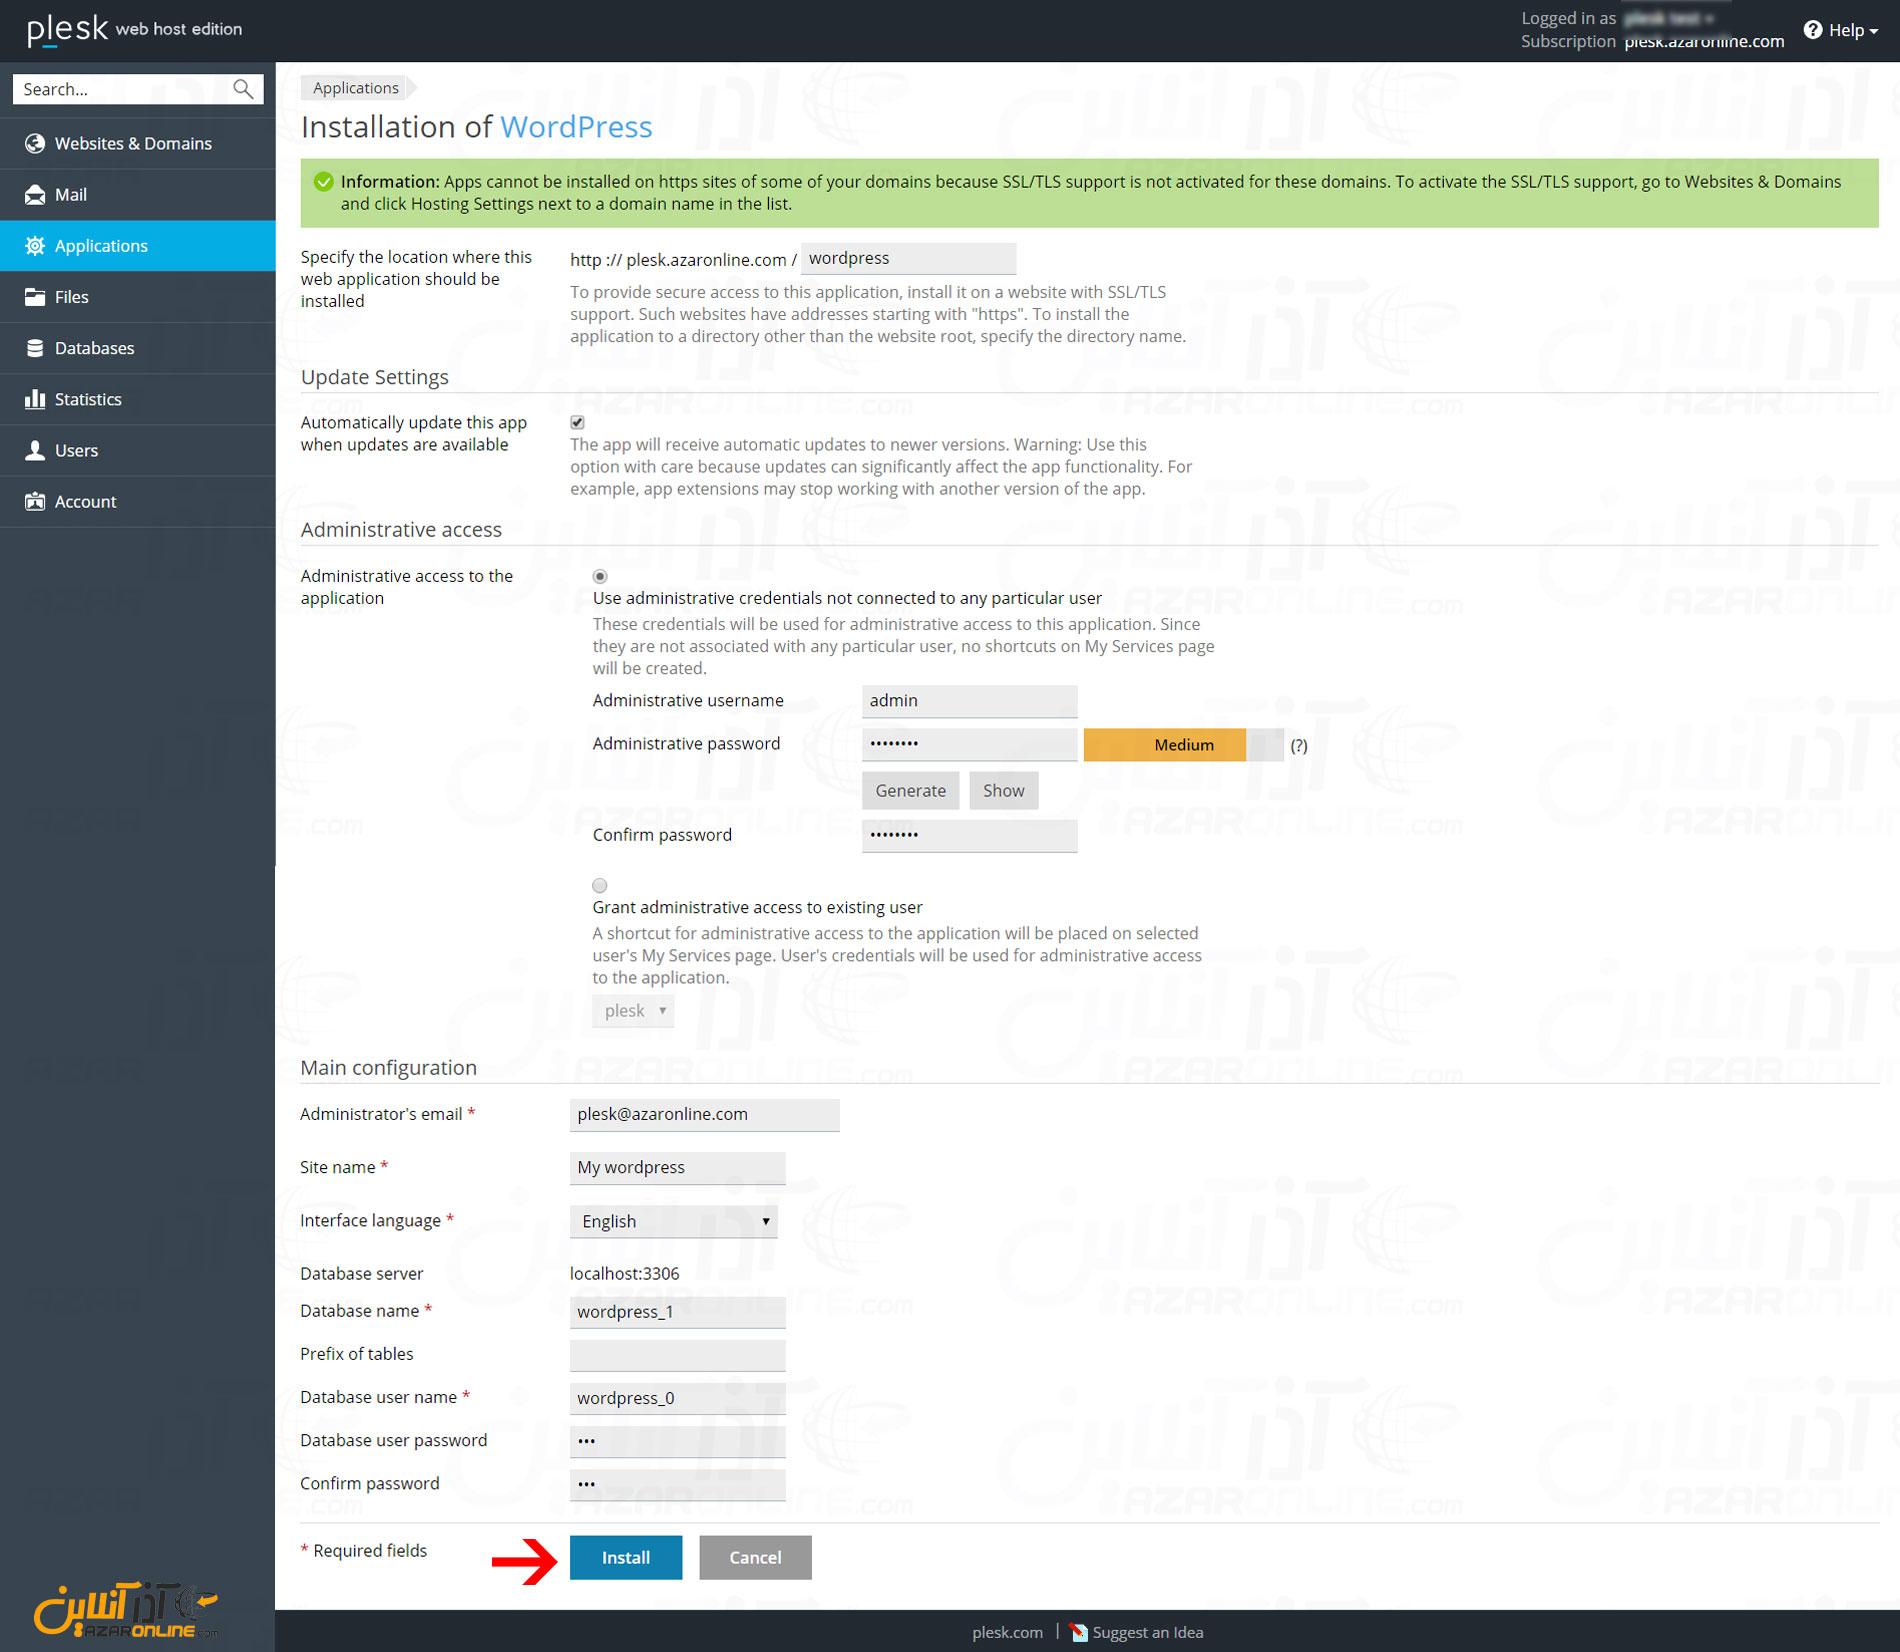 آموزش نصب اتوماتیک وردپرس در هاست پلسک - وارد کردن اطلاعات